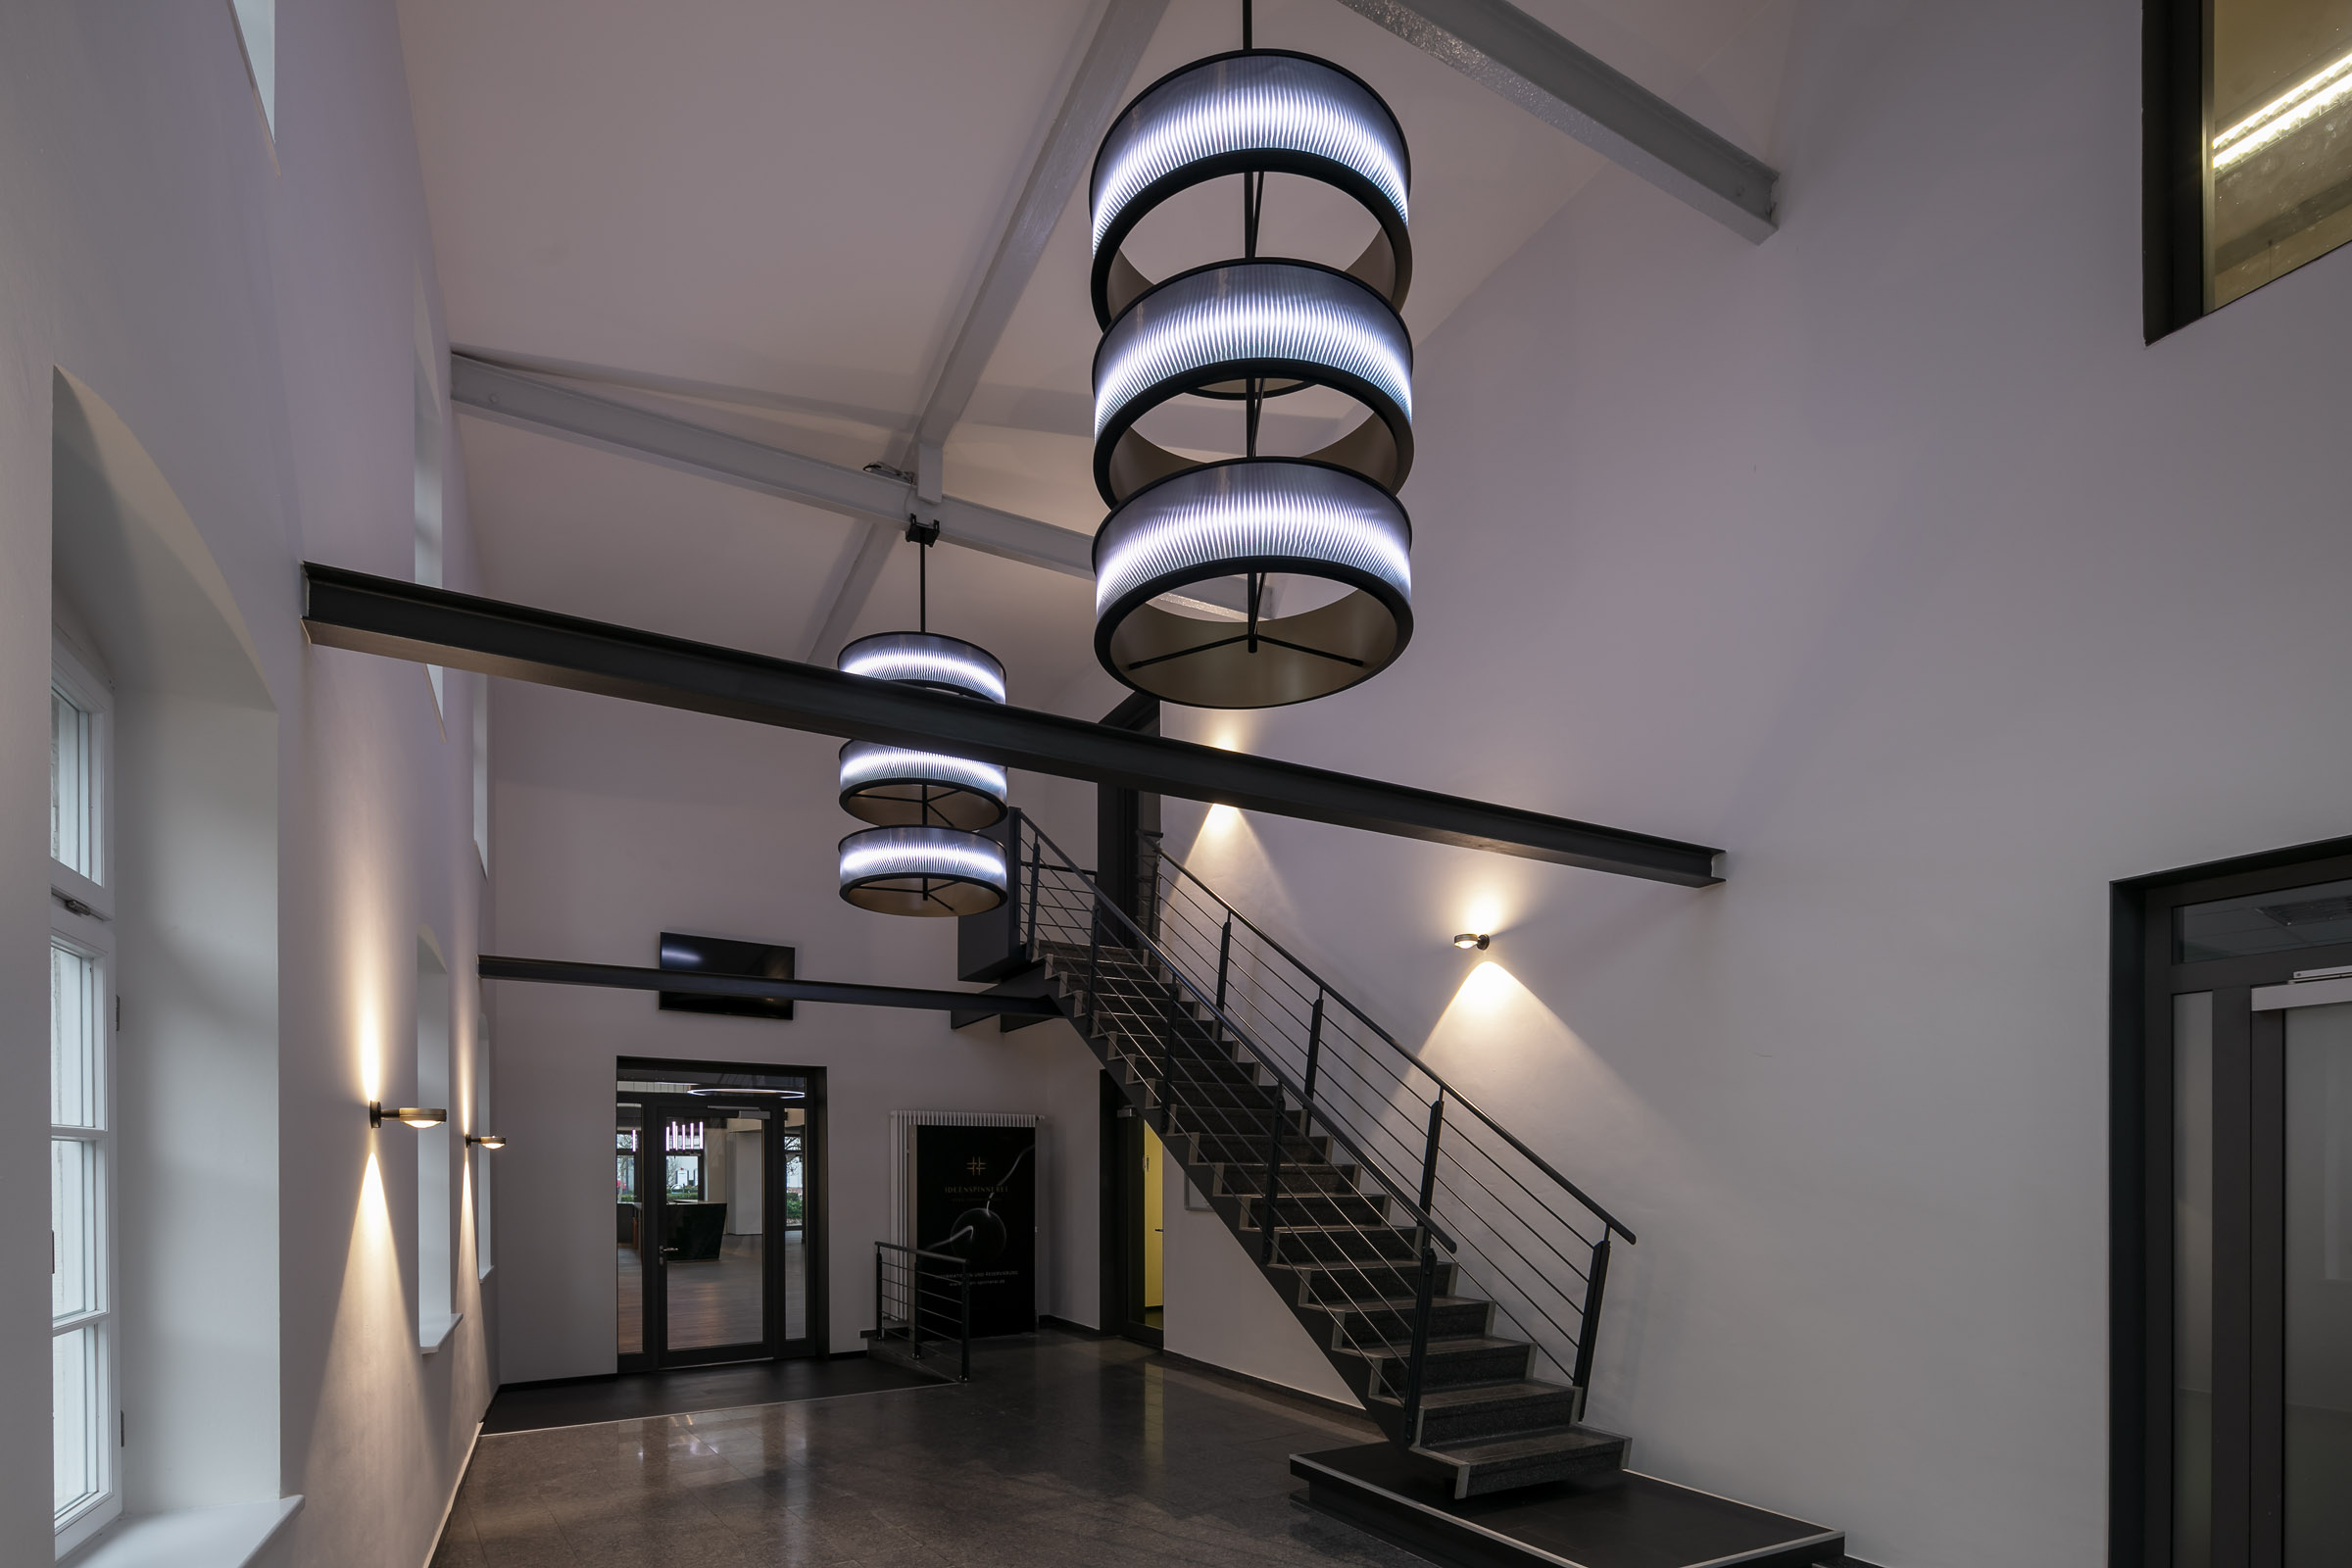 Weiß leuchtende LED Ringleuchten mit Textil im Eingangsbereich